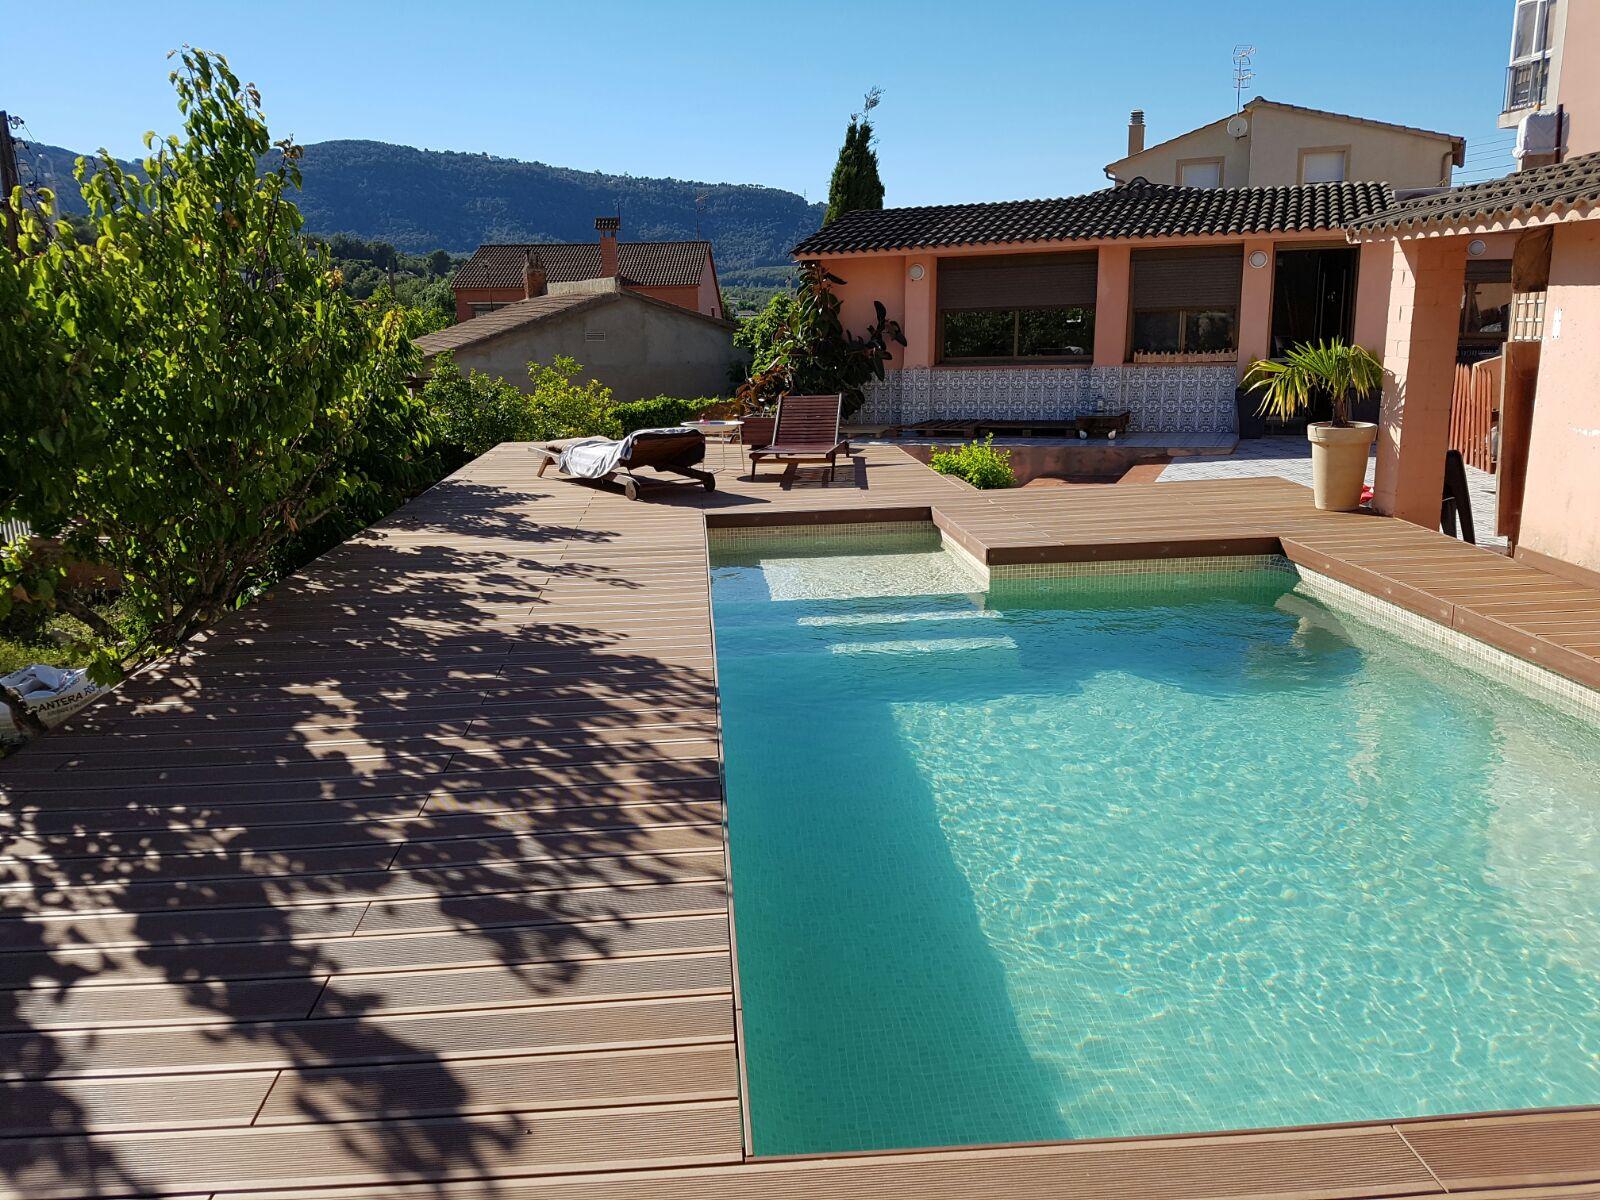 Construcci n de piscinas aquadynamics for Construccion de piscinas temperadas